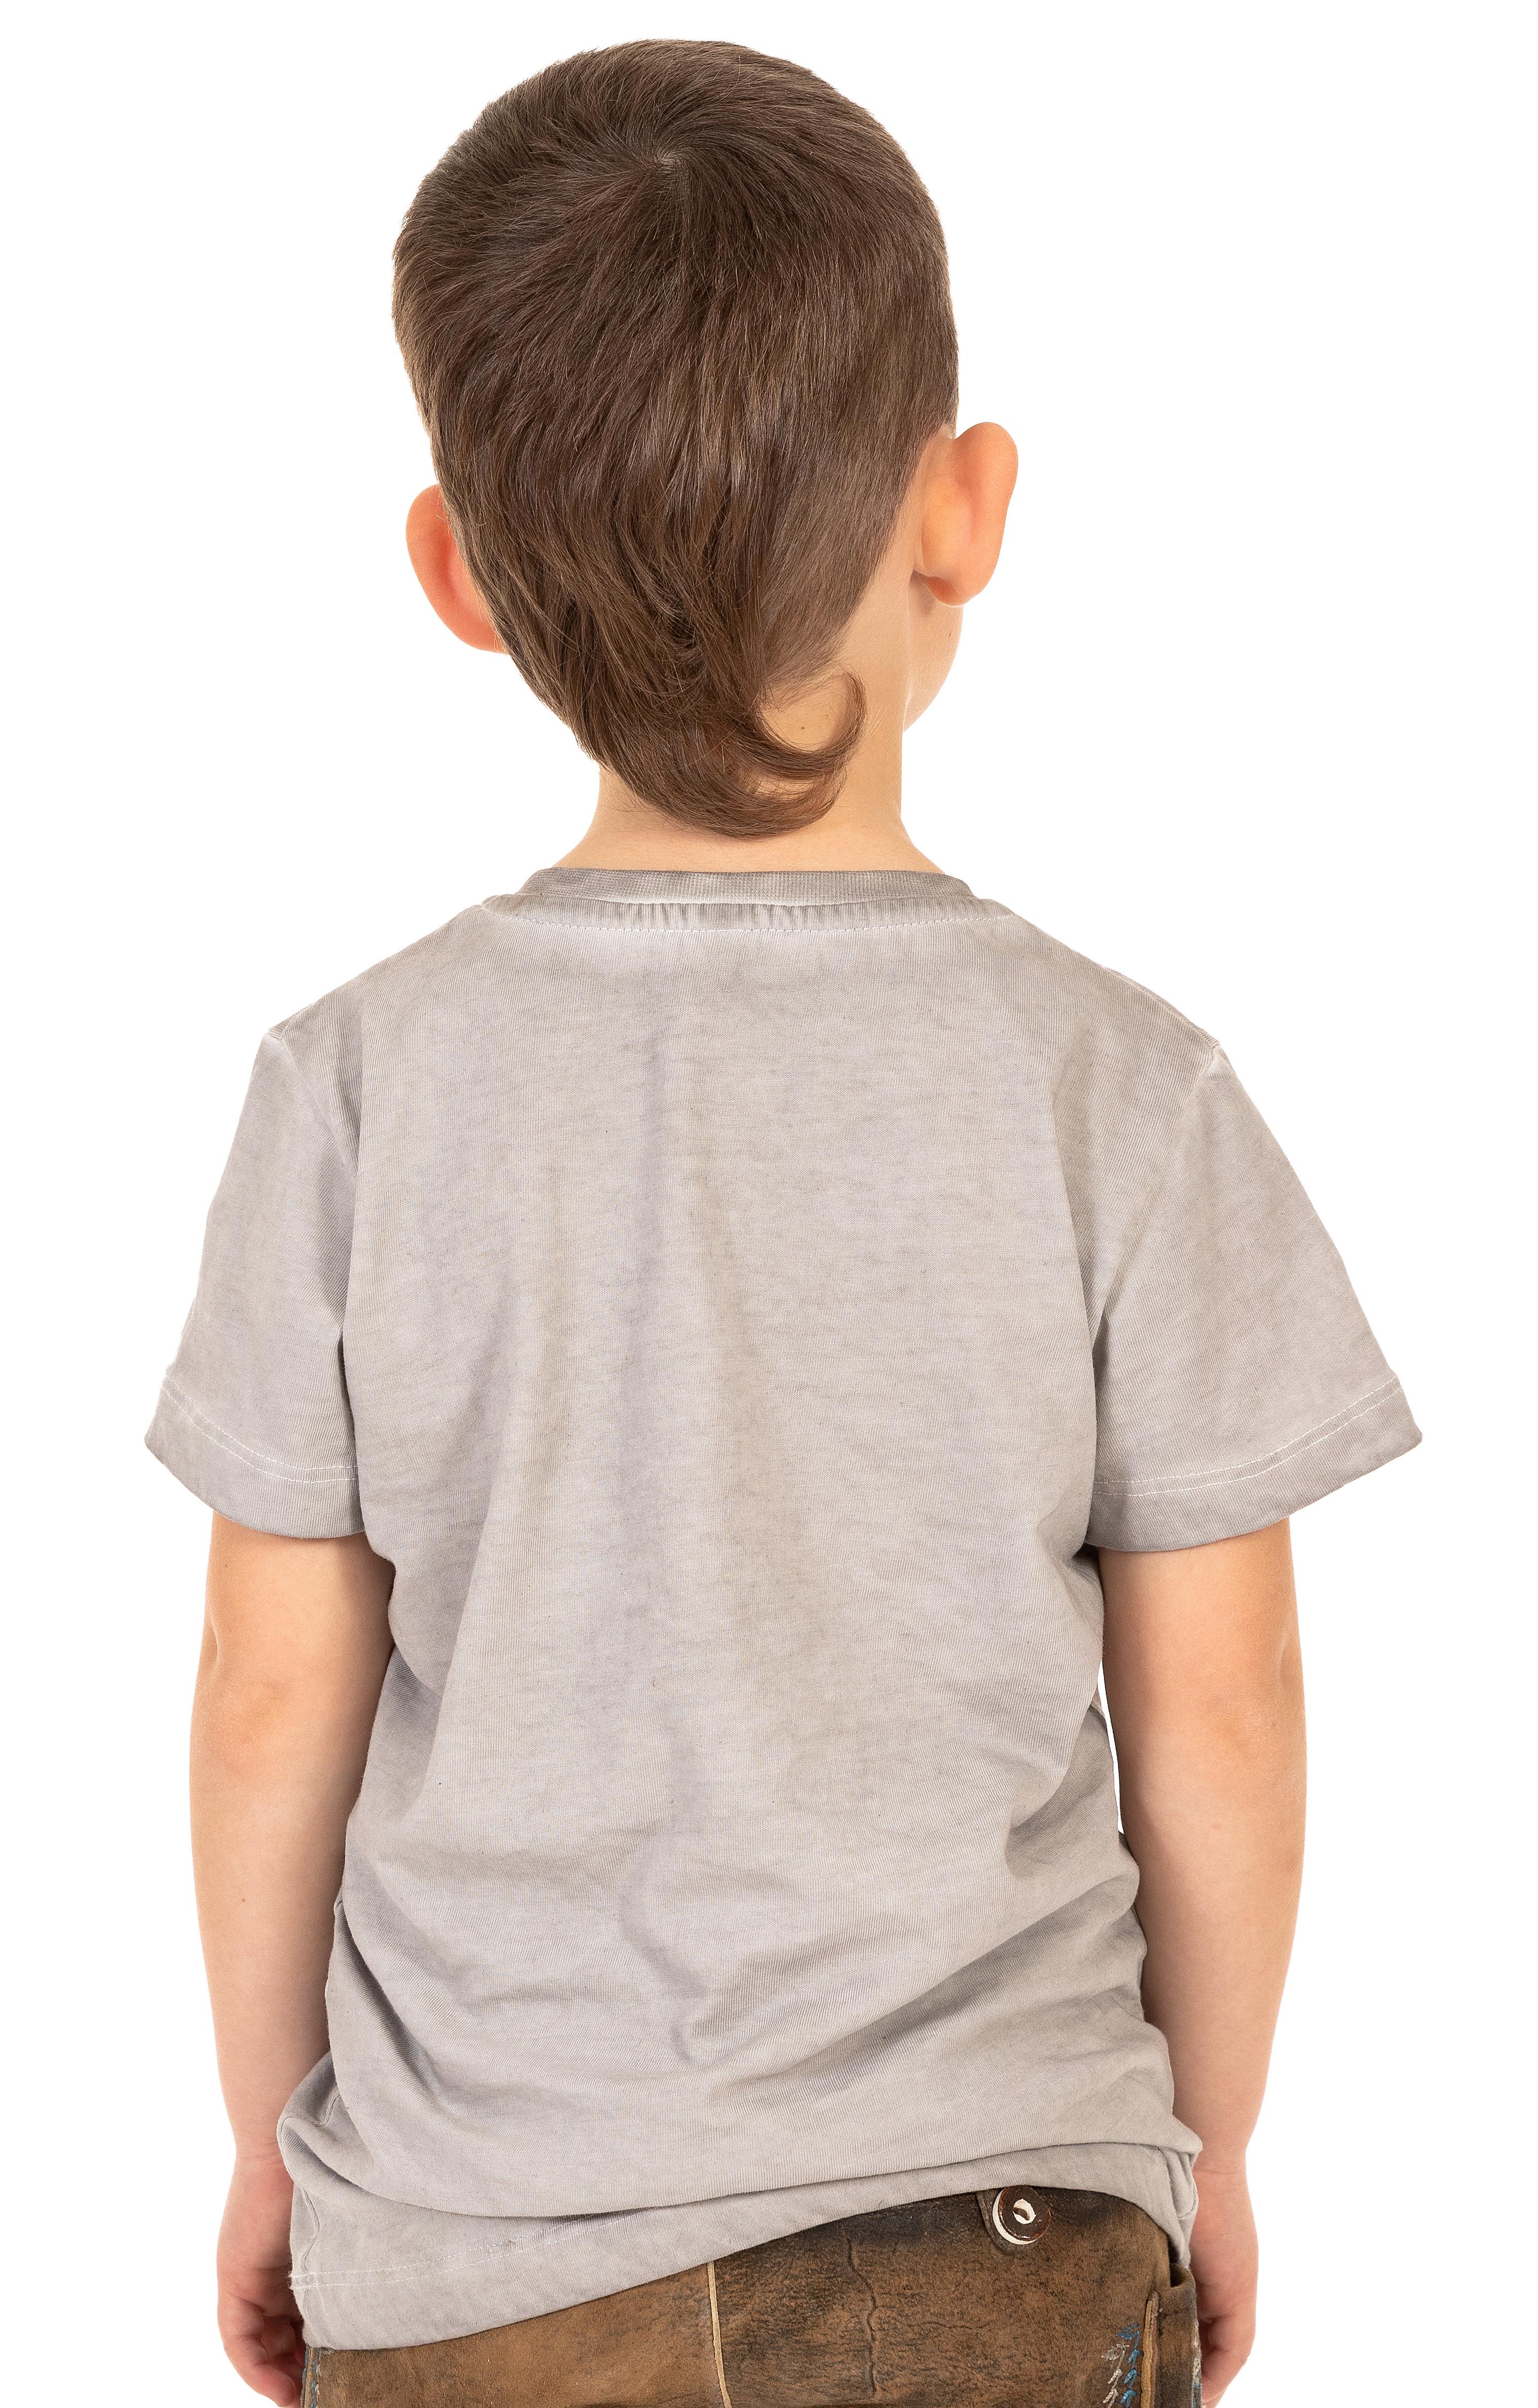 weitere Bilder von Trachten Kinder T-Shirt M28 STURSCHAEDEL KIDS grau